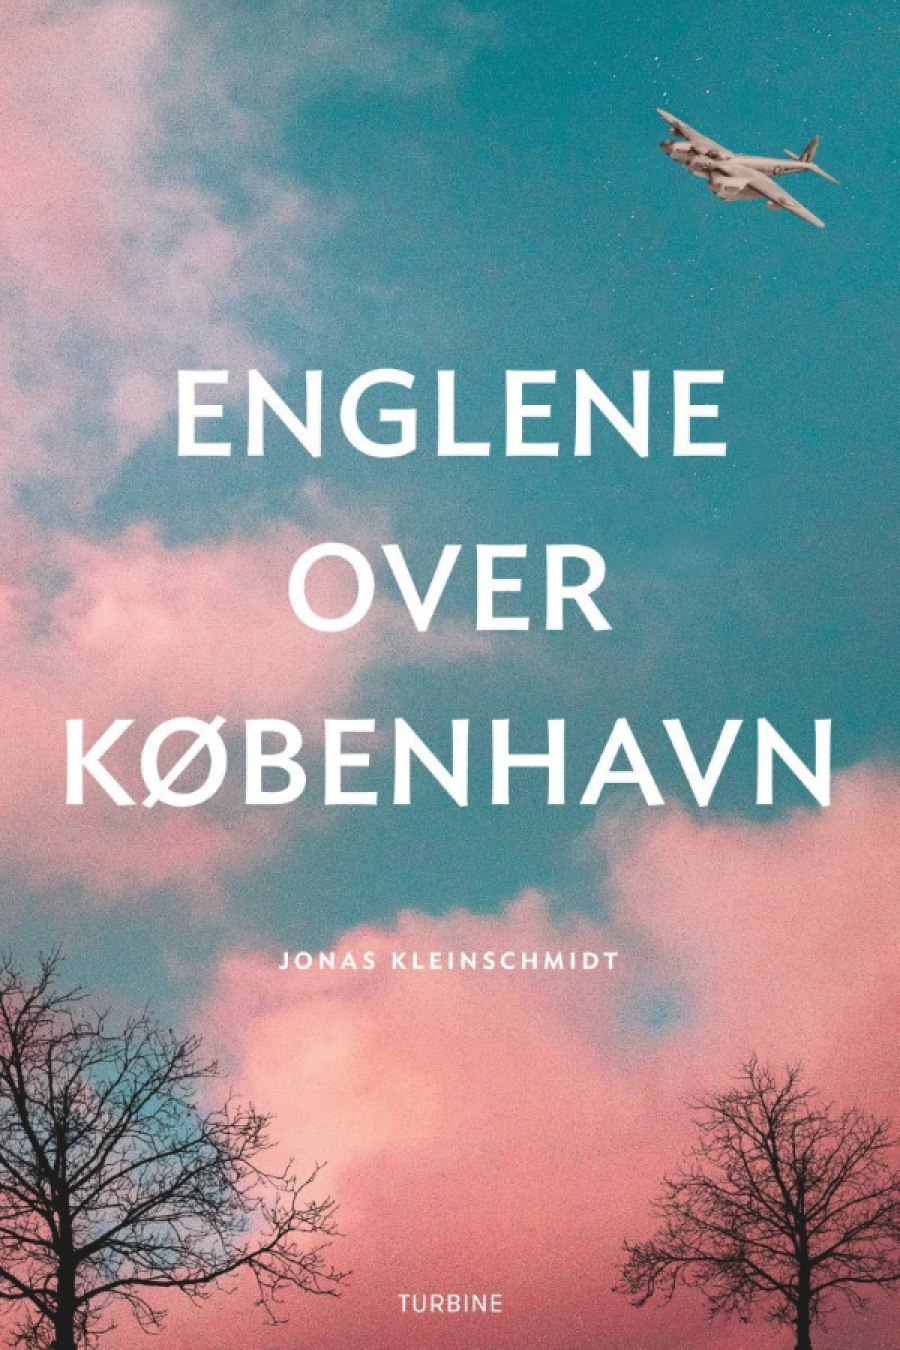 Billede af bogen Englene over København af Jonas Kleinschmidt